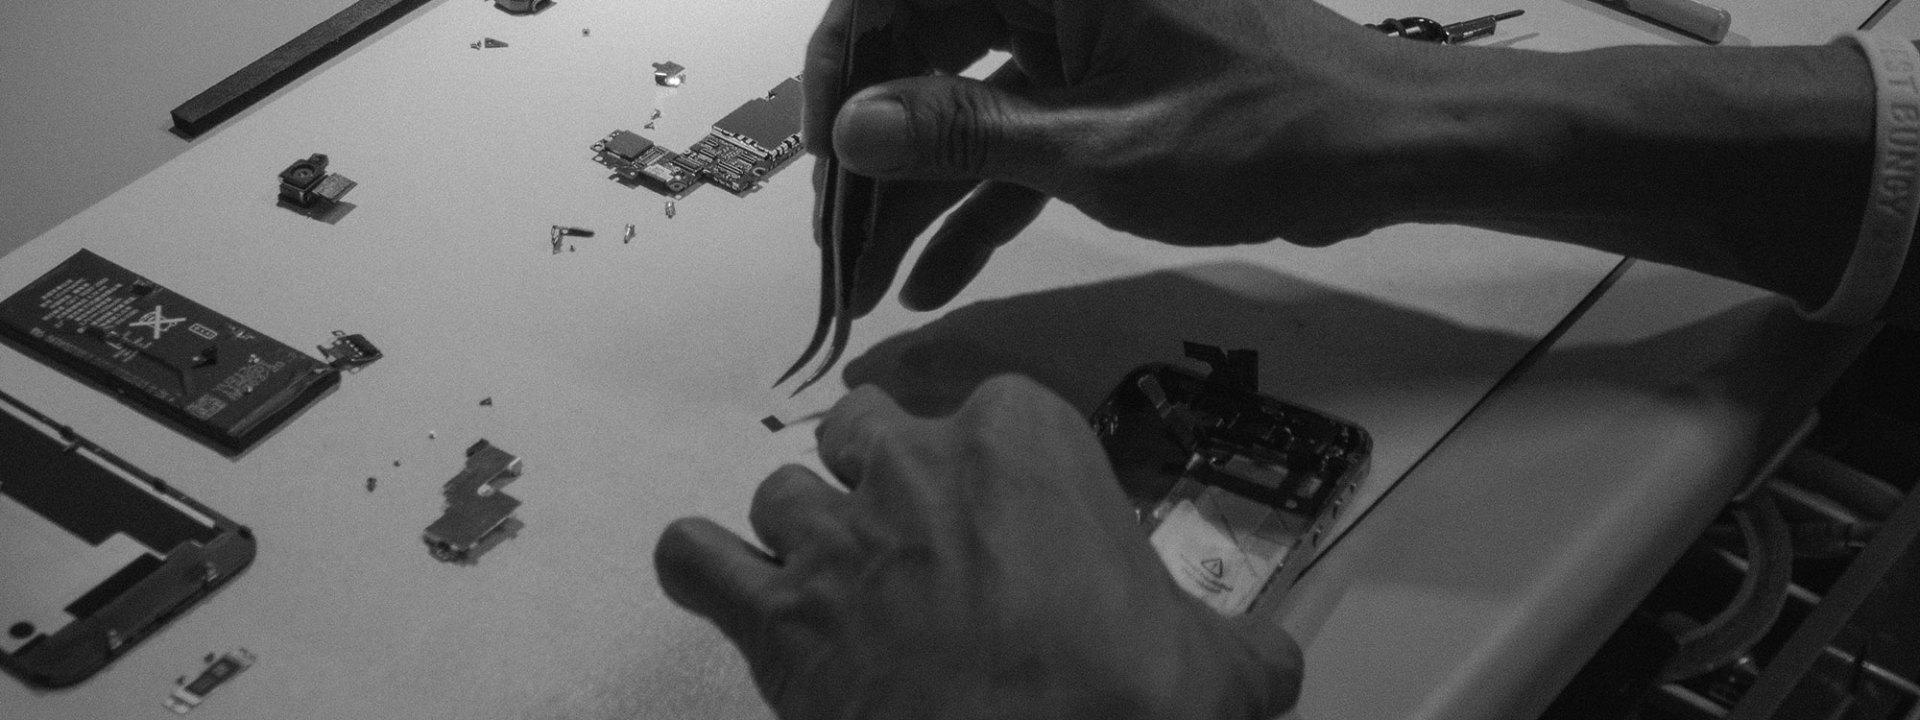 cell phone repair, iphone repair